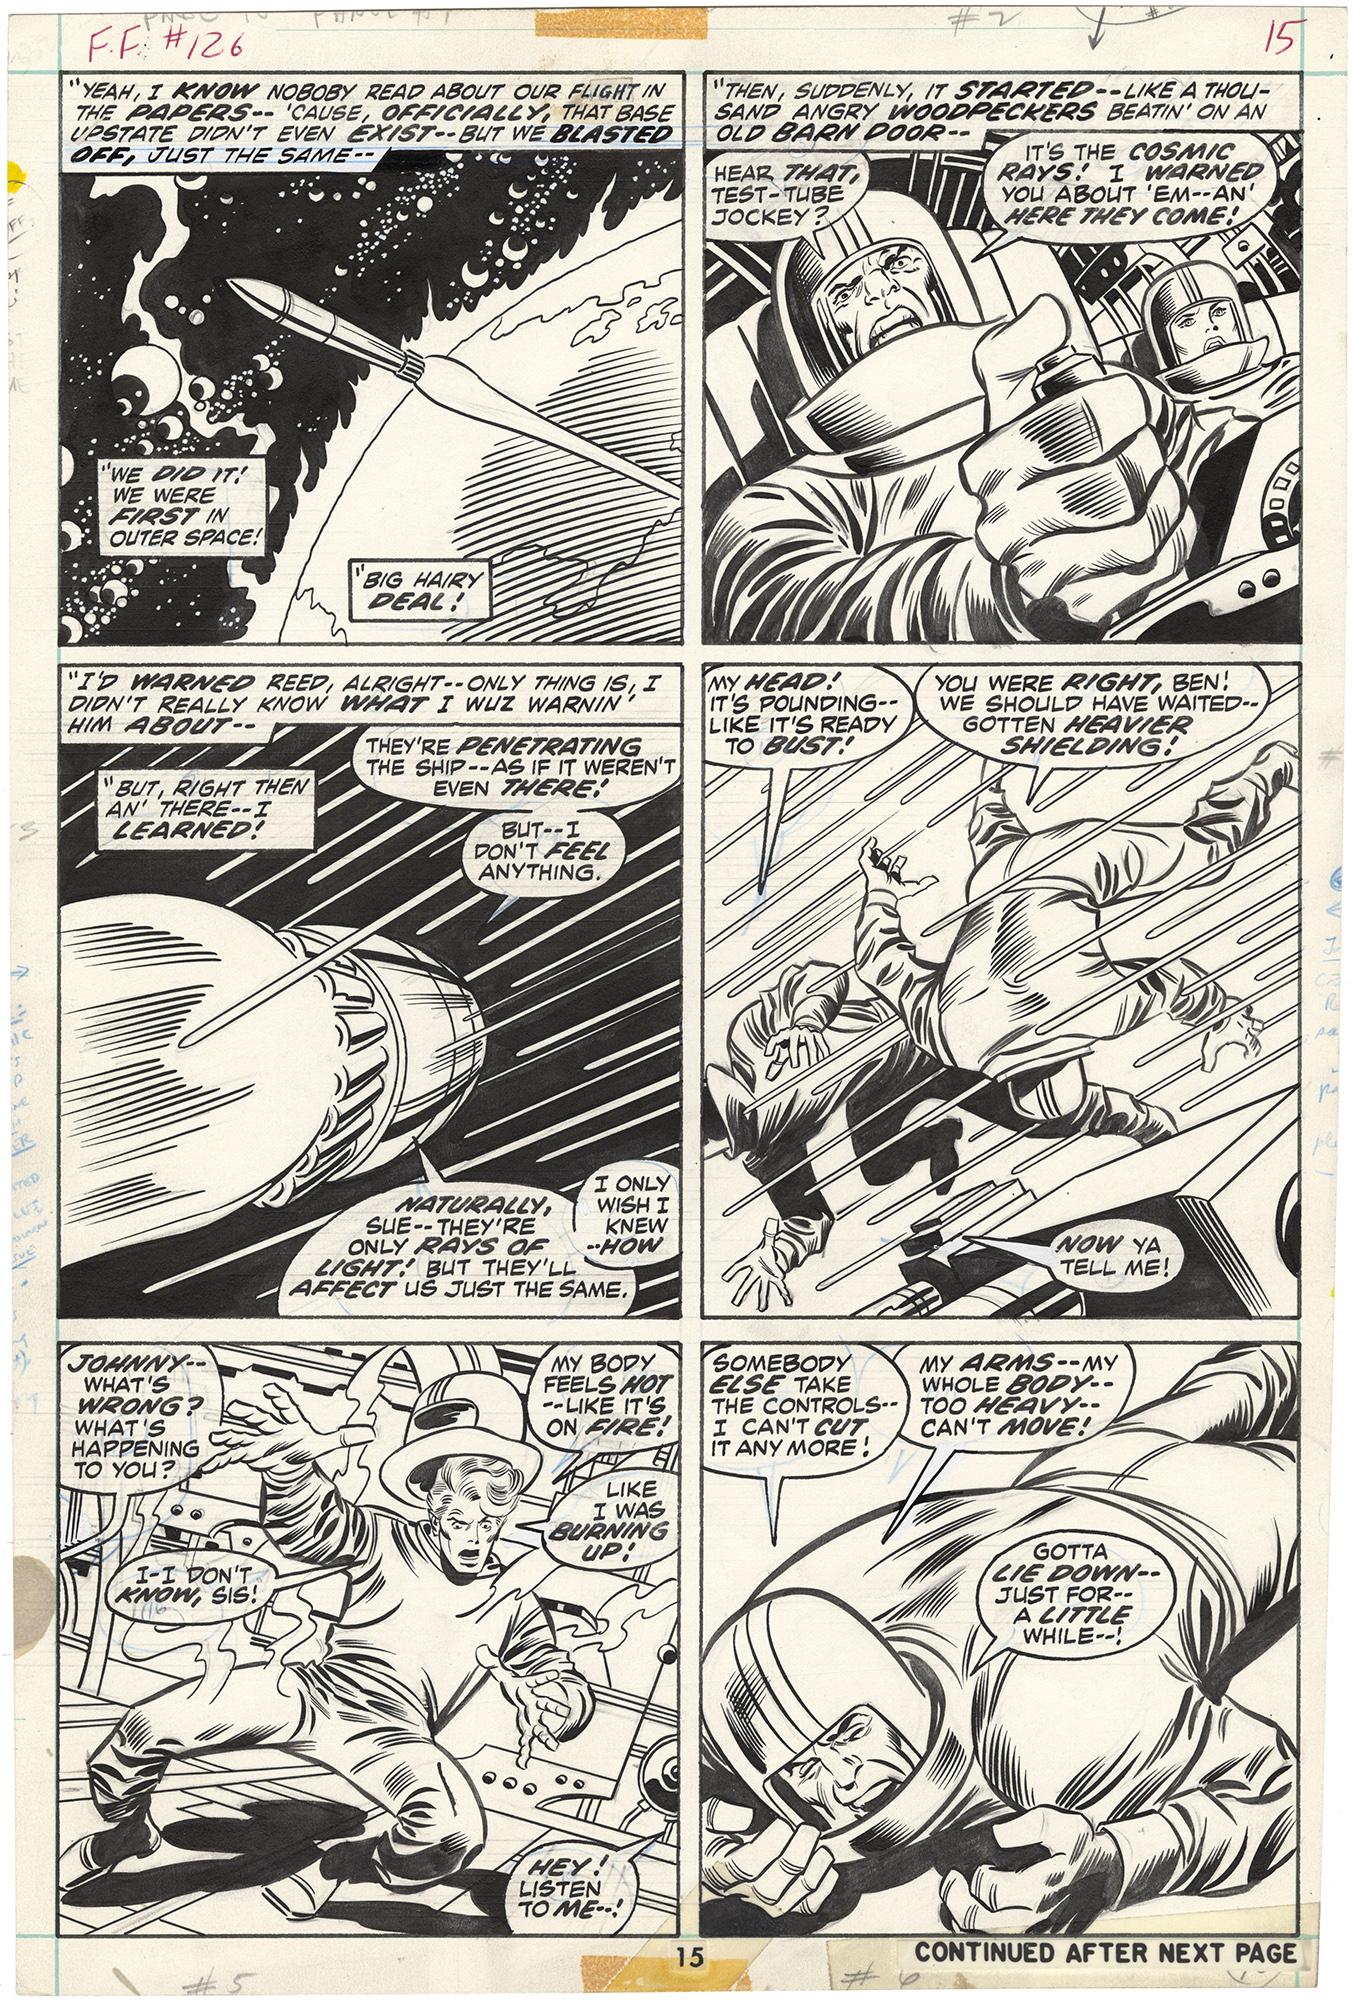 Fantastic Four #126 p15